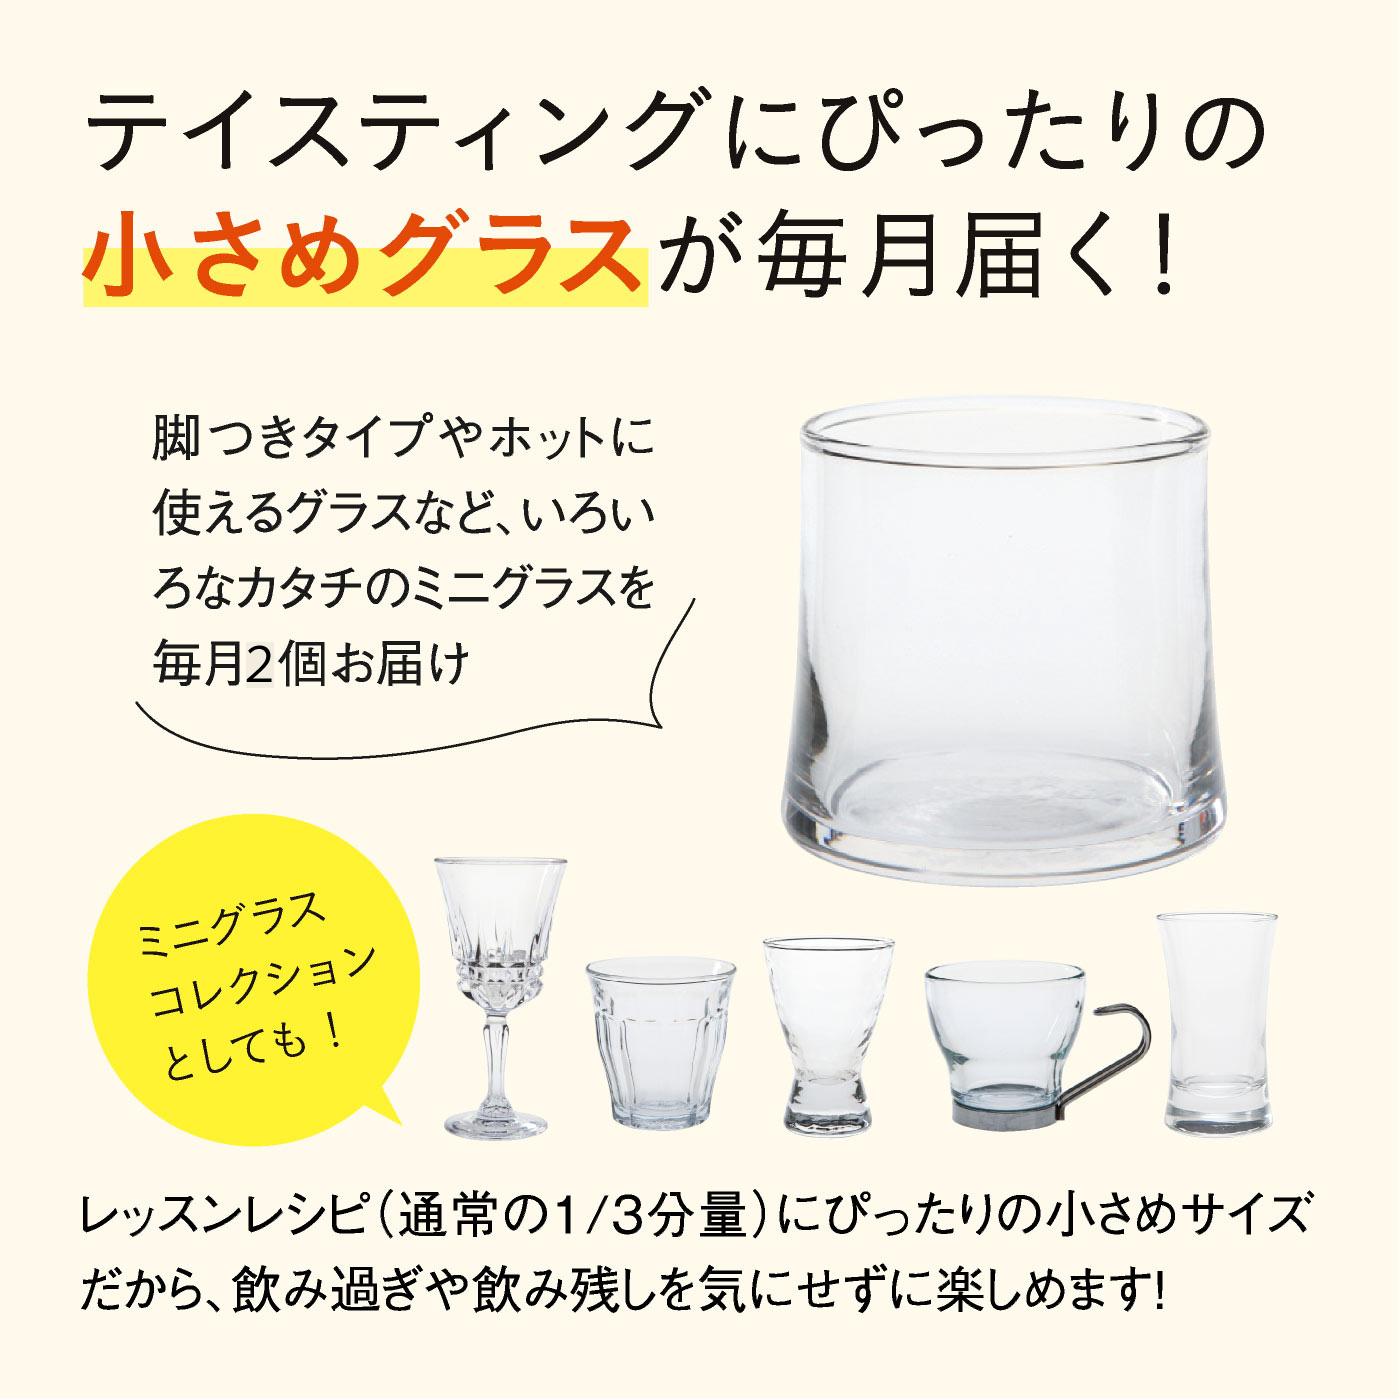 テイスティングにぴったりの小さめグラスが毎月2個届く!